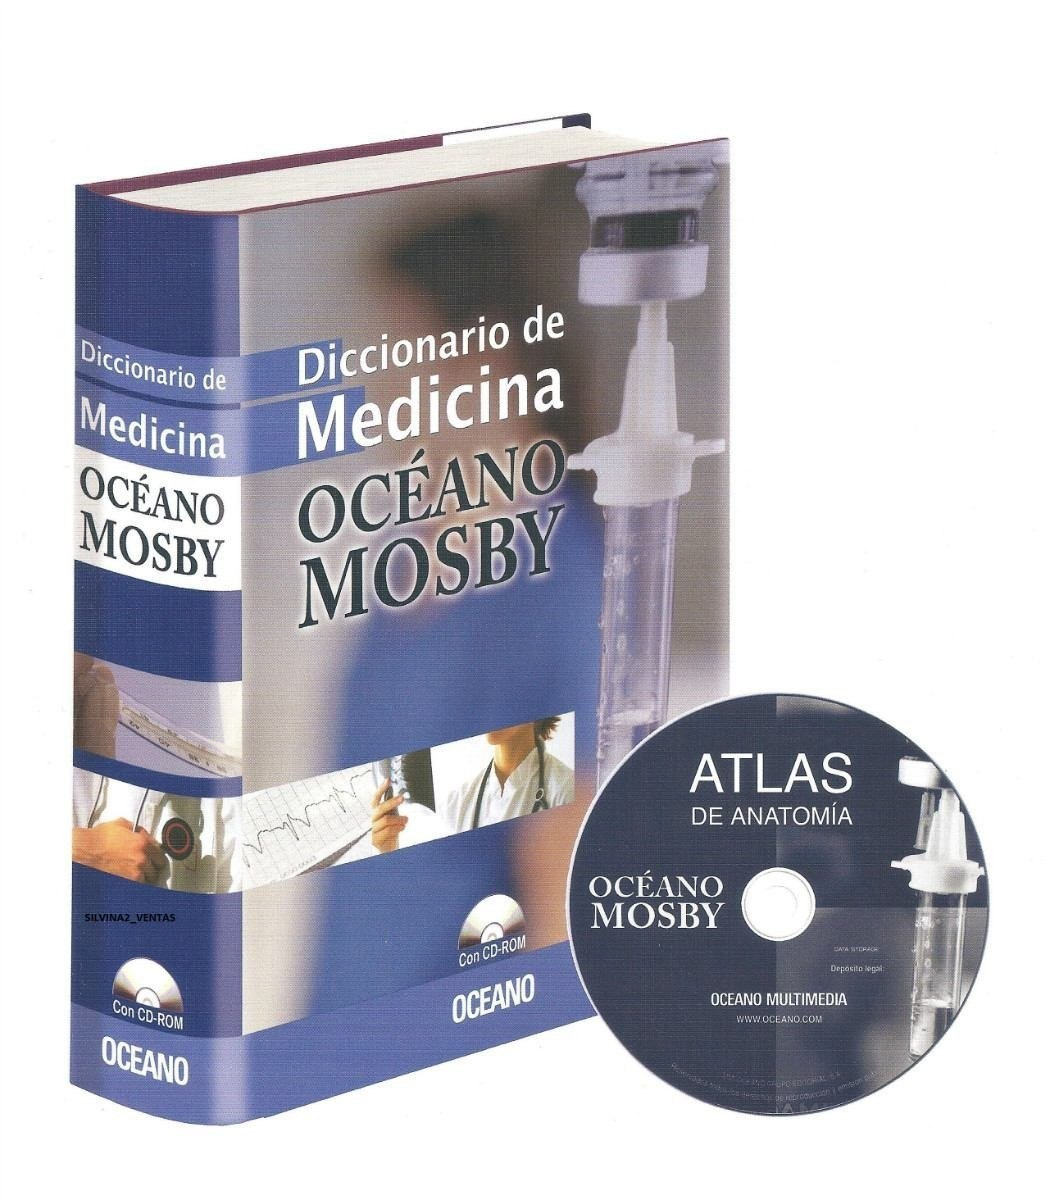 Diccionario de Medicina Mosby con CDROM - Medicina